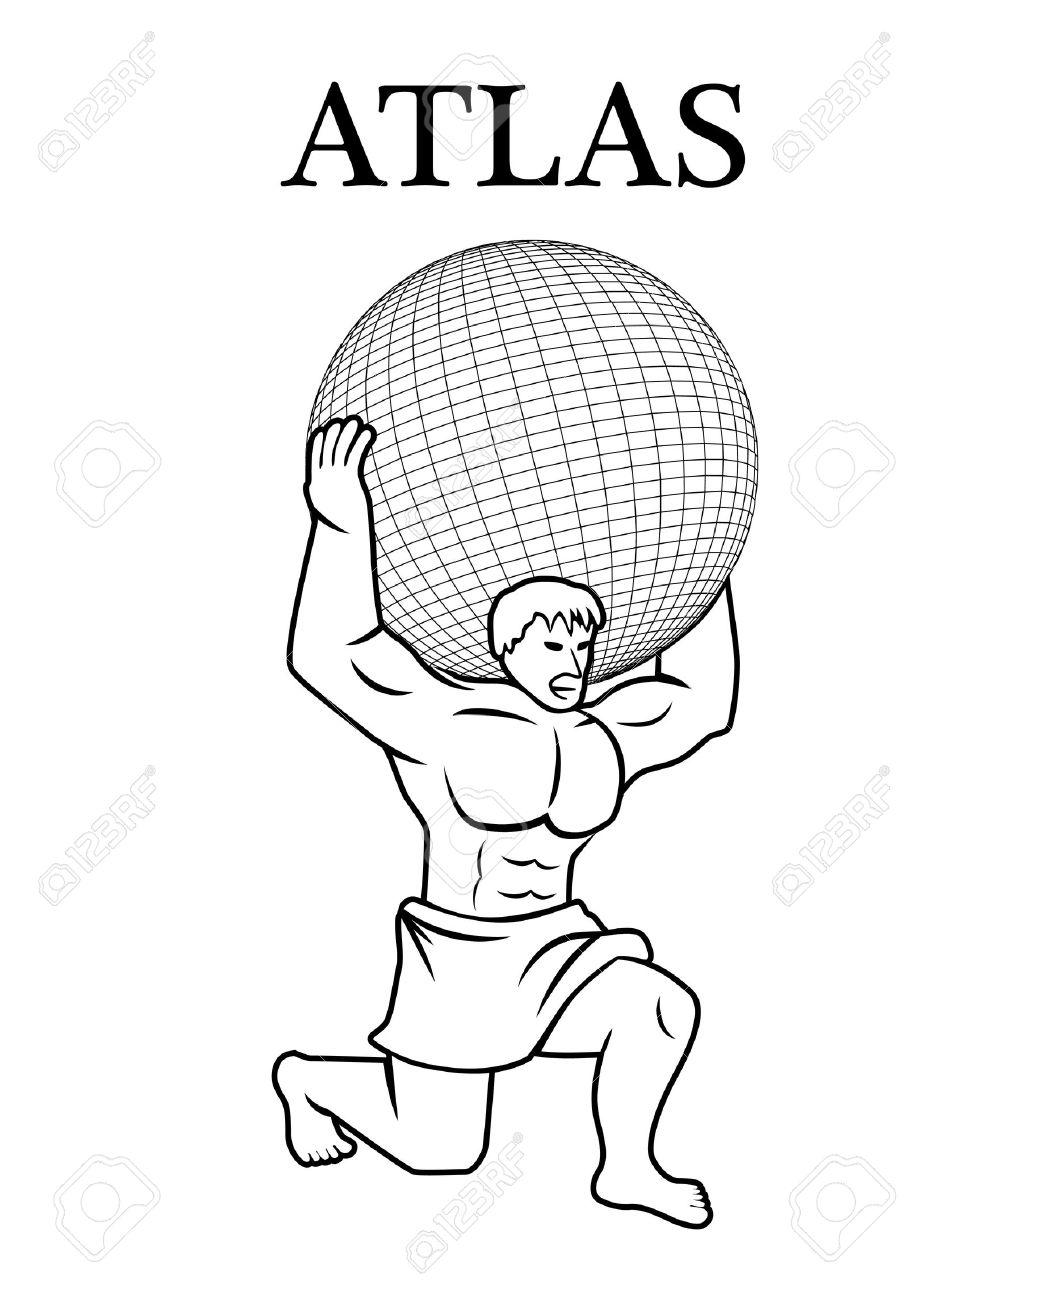 Stylized Atlas - 23311006